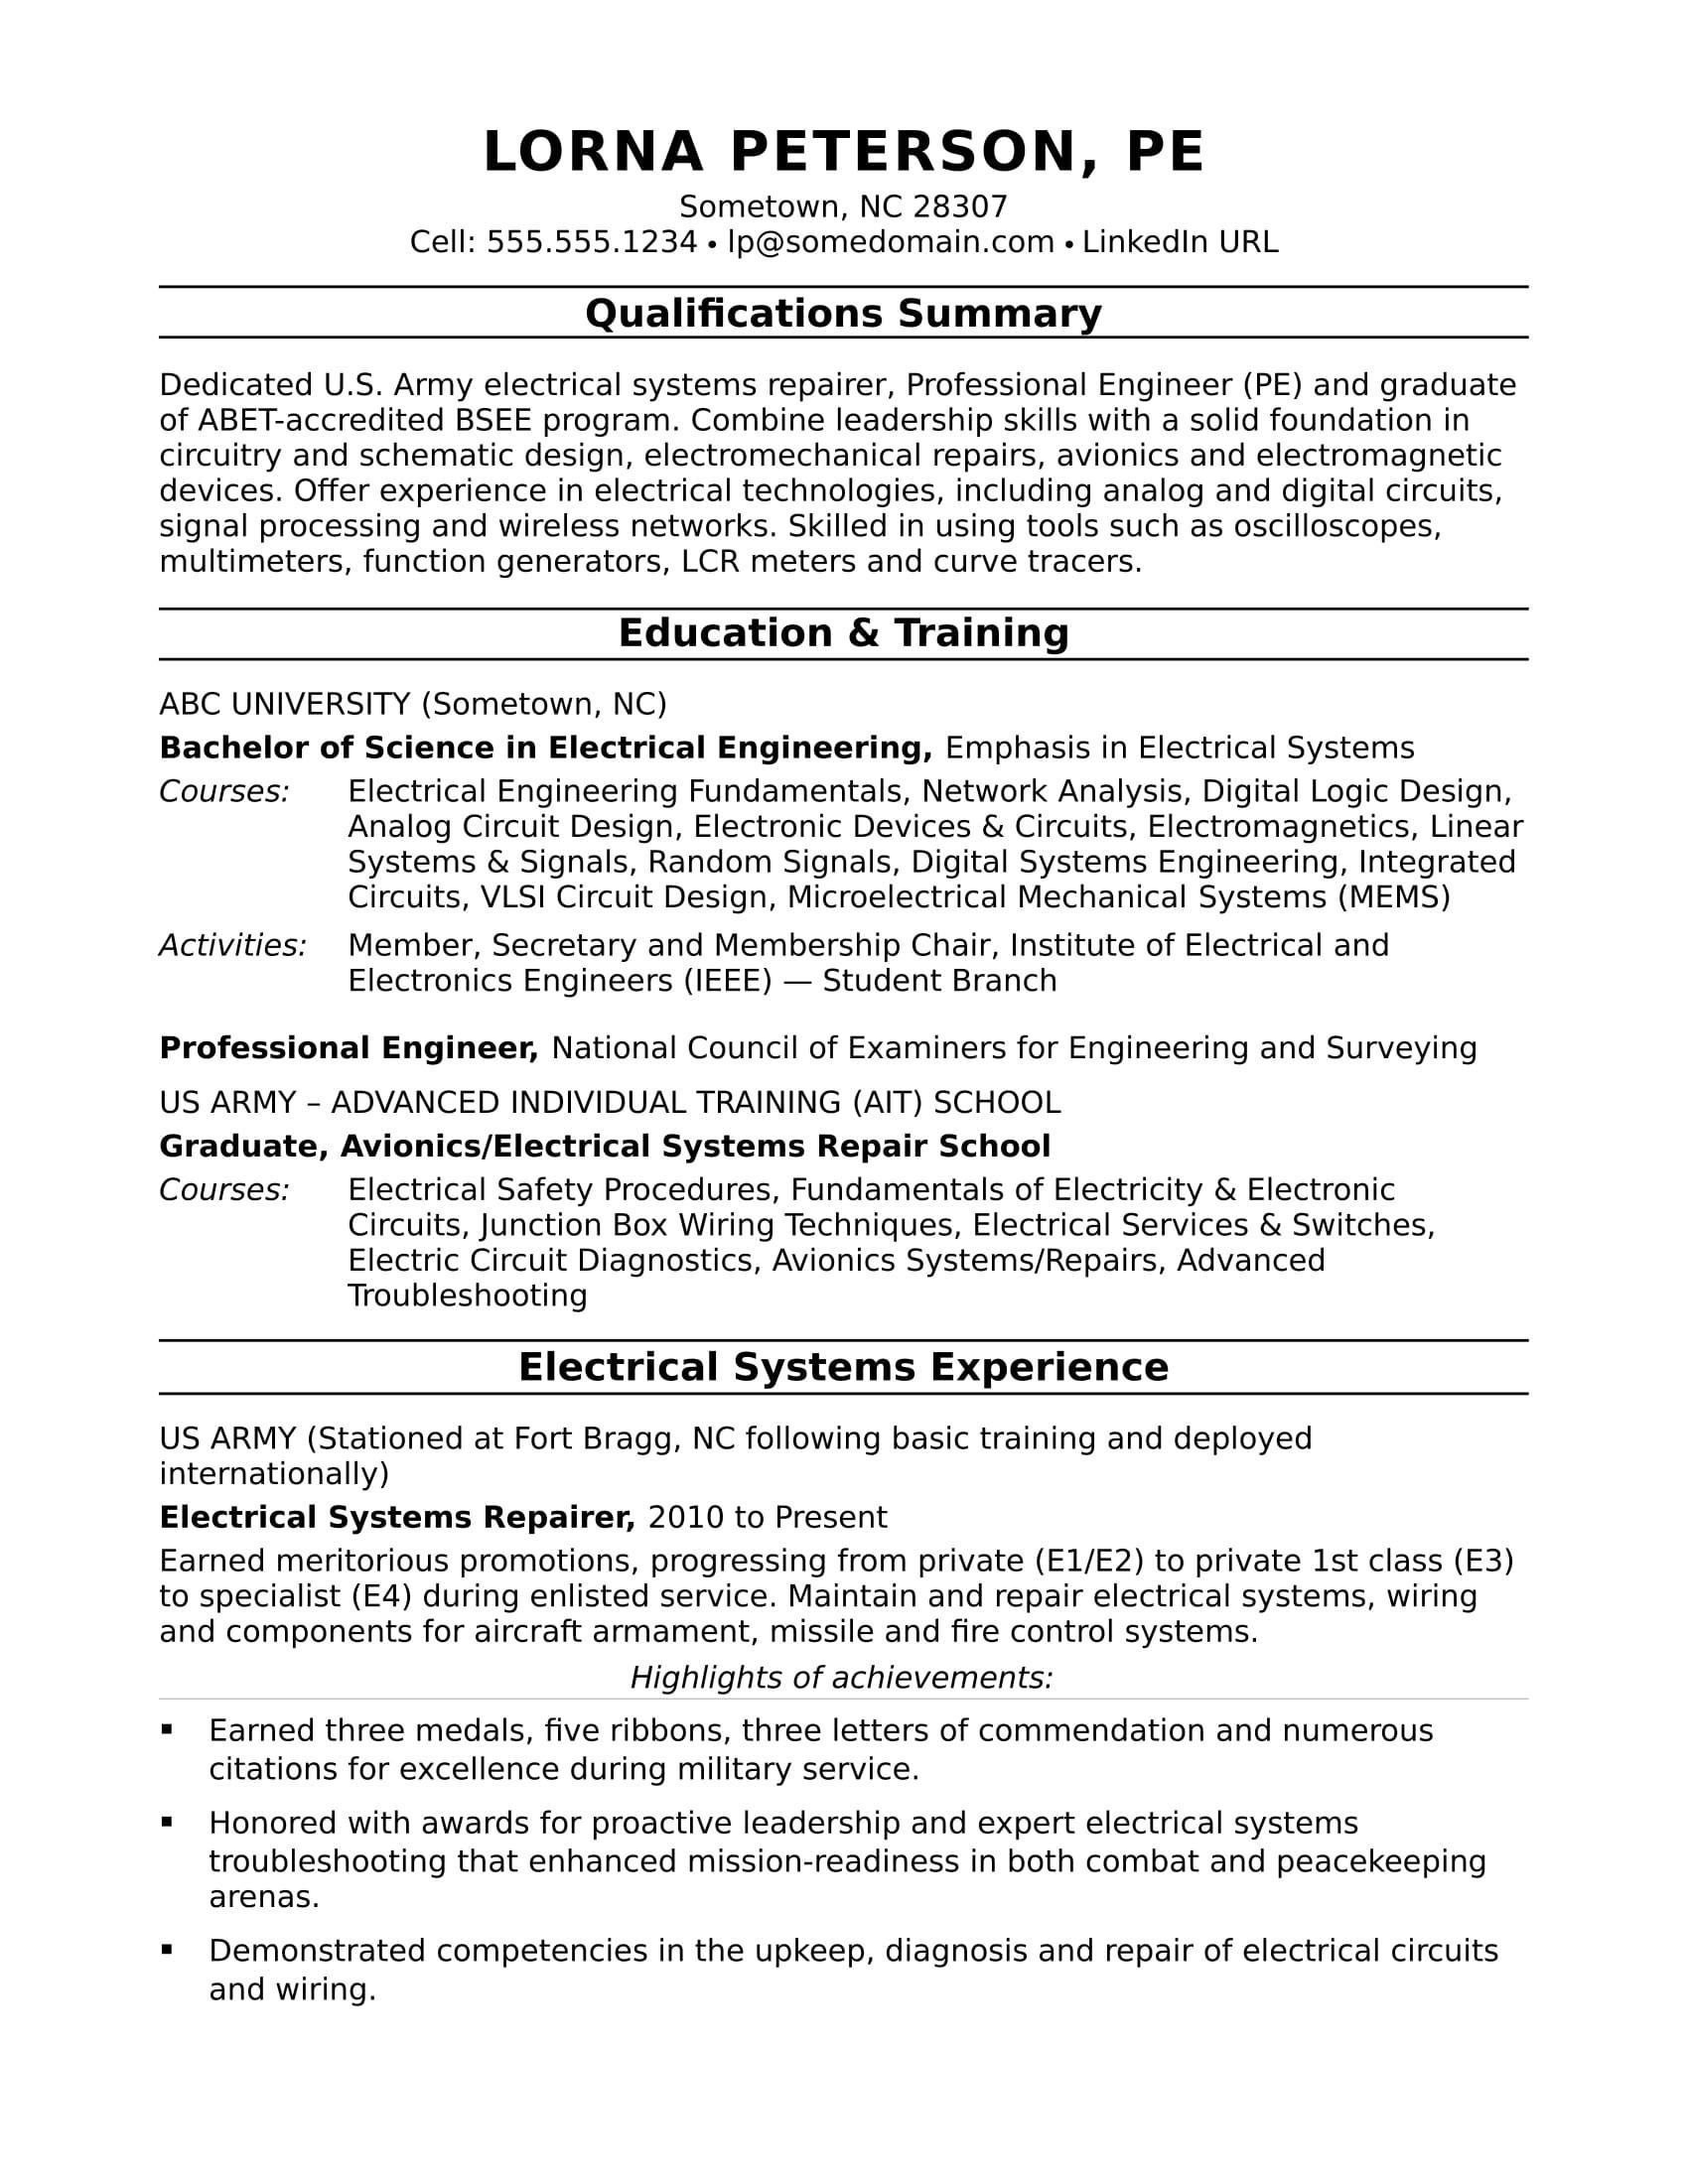 Sample Electrical Engineering Resume Sample Resume for A Midlevel Electrical Engineer